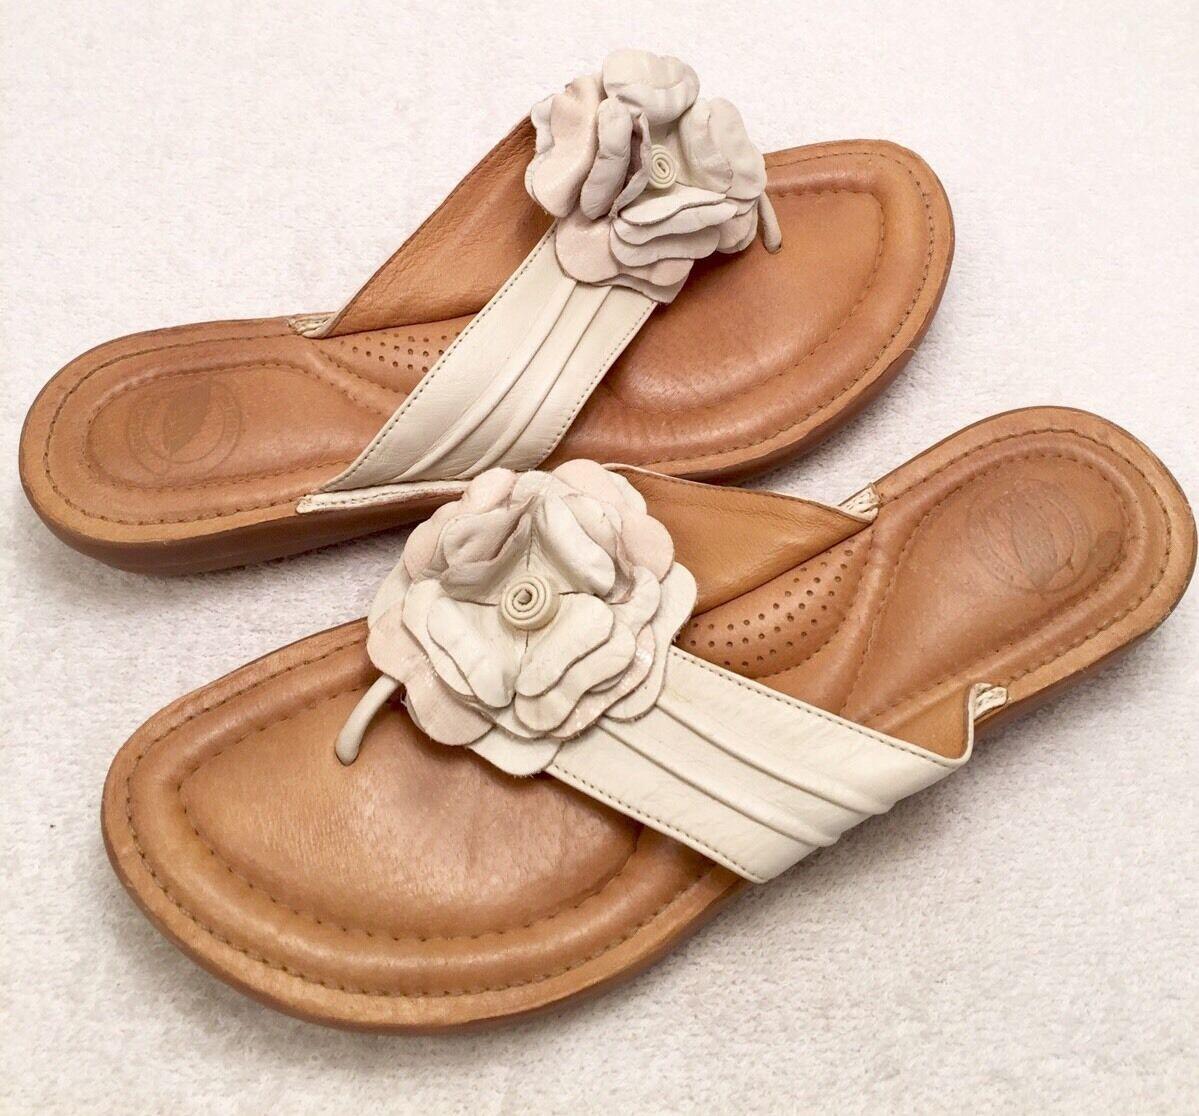 Women's Size Beige 9 M NUTURE Bloom Beige Size Flower Accent Fashion Flip-Flop Sandals eb736f